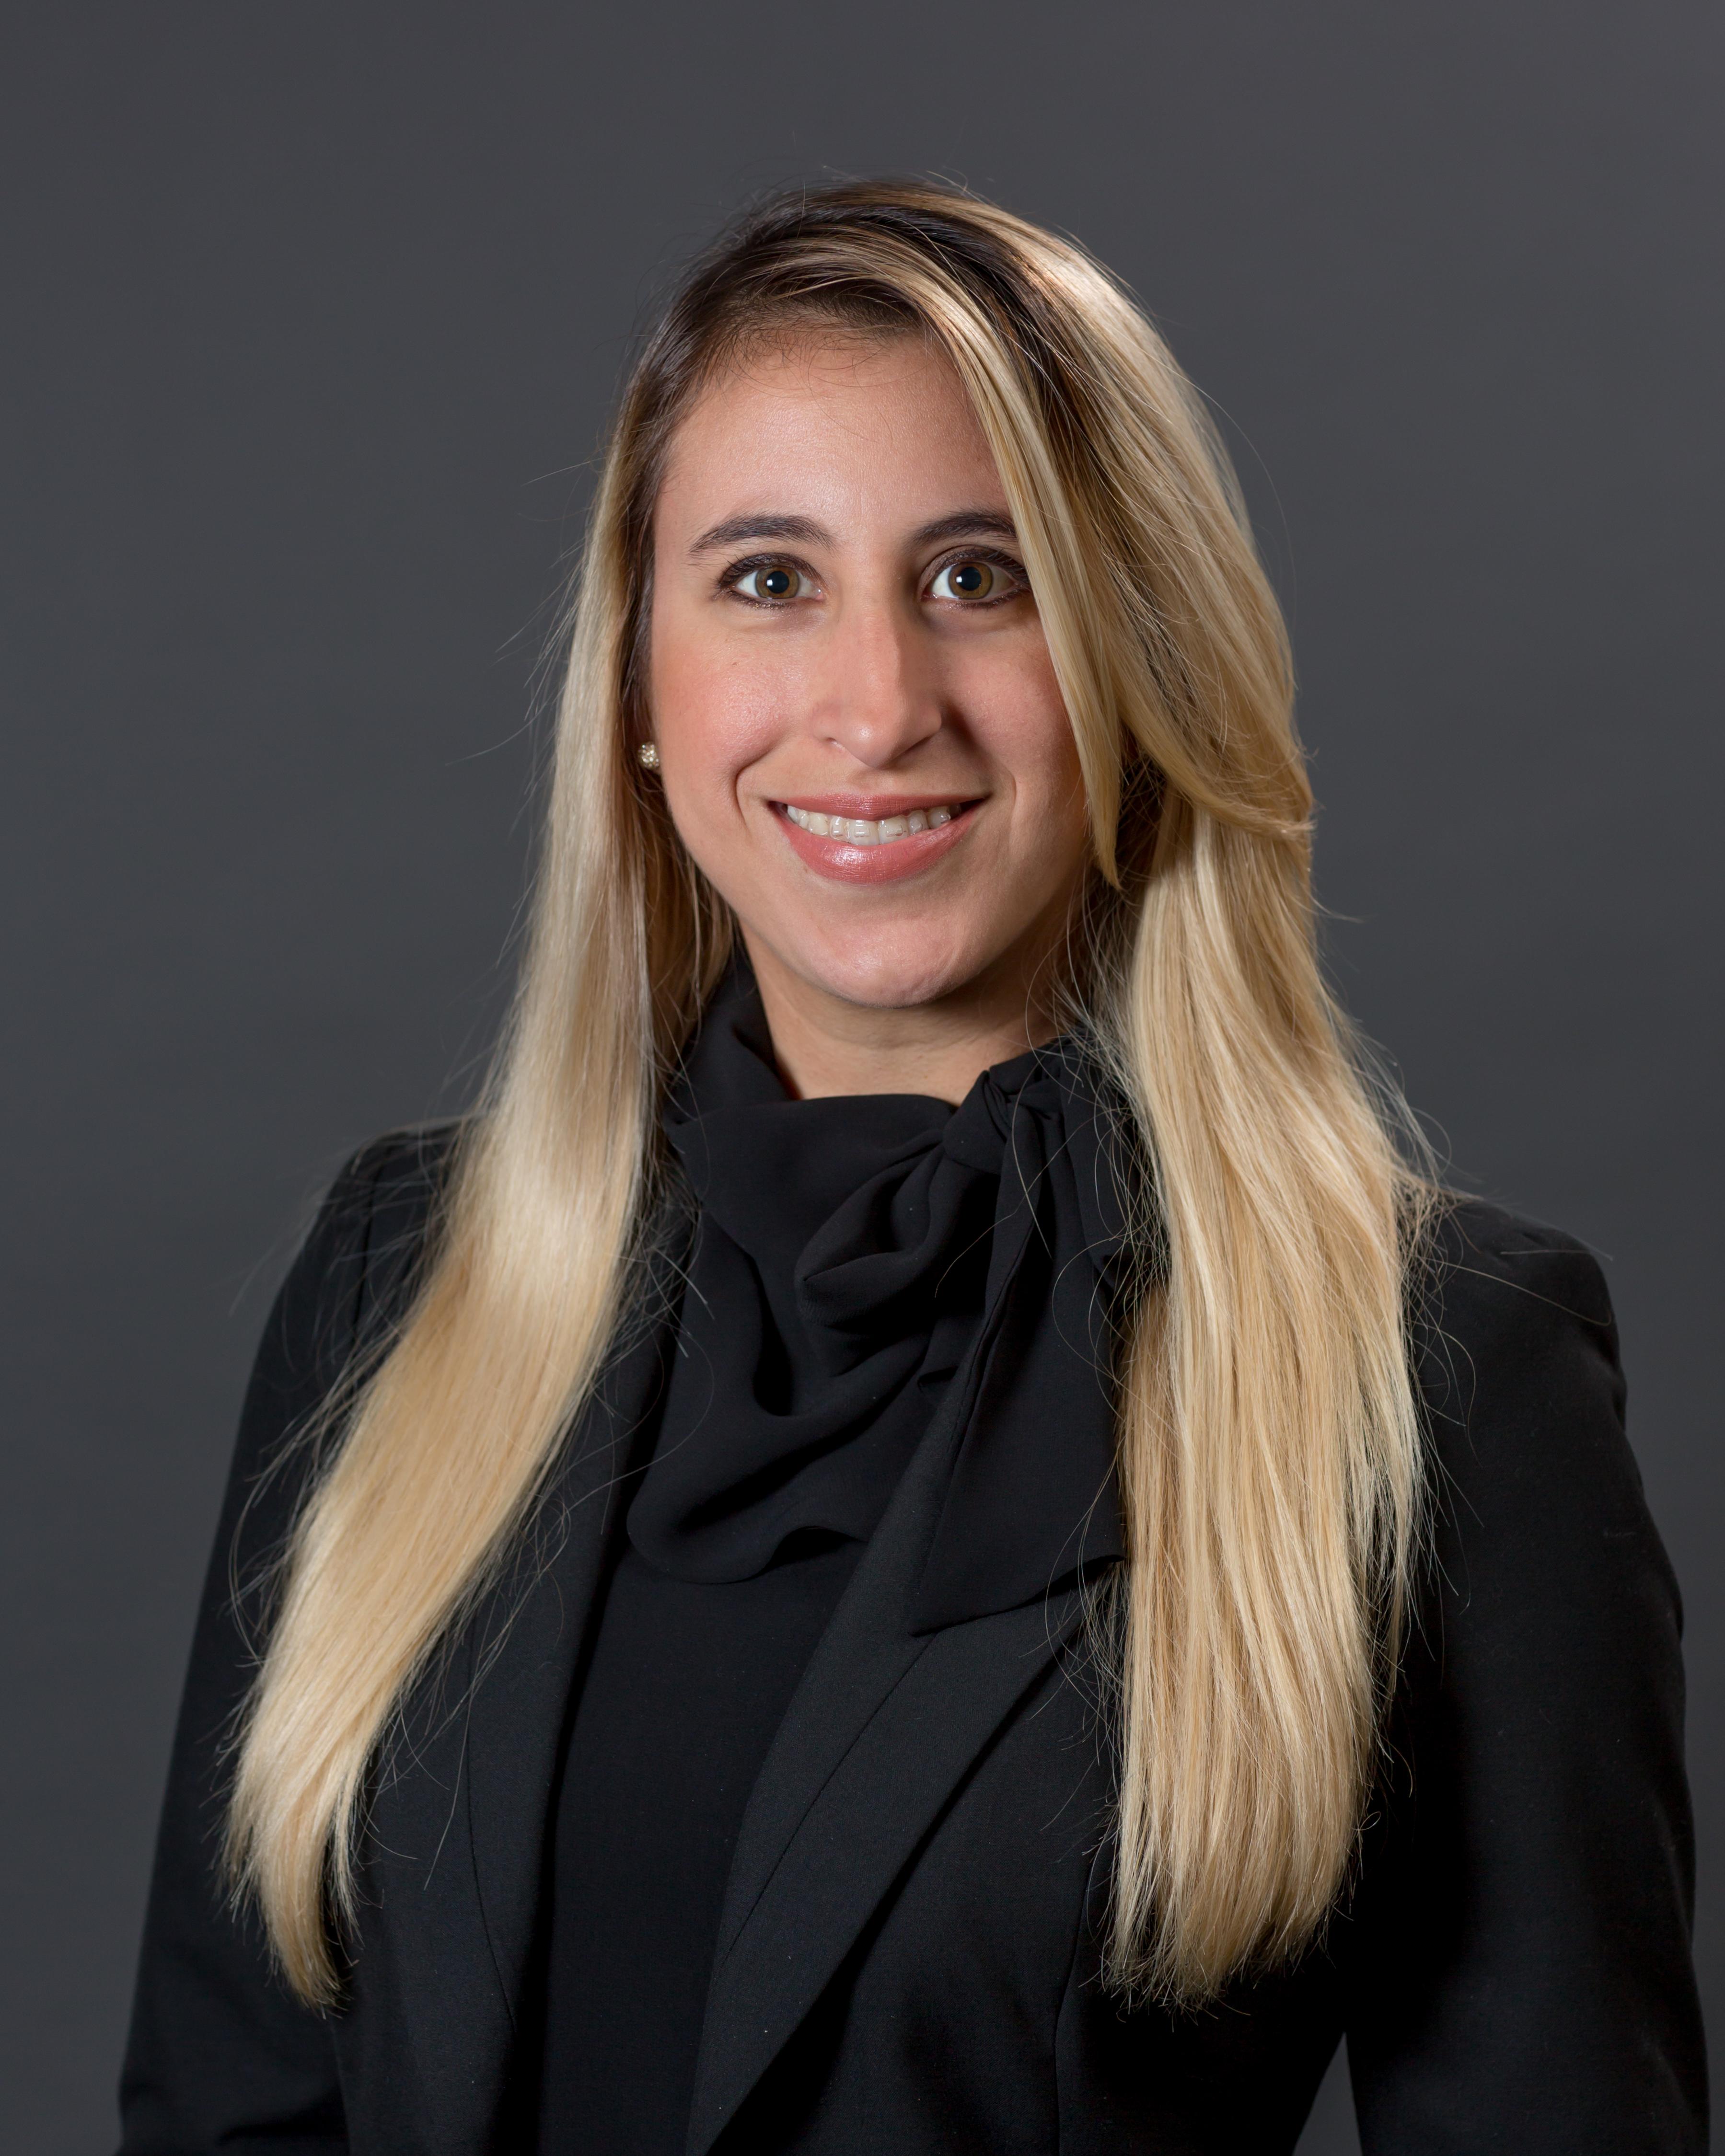 Fiorella Espinosa